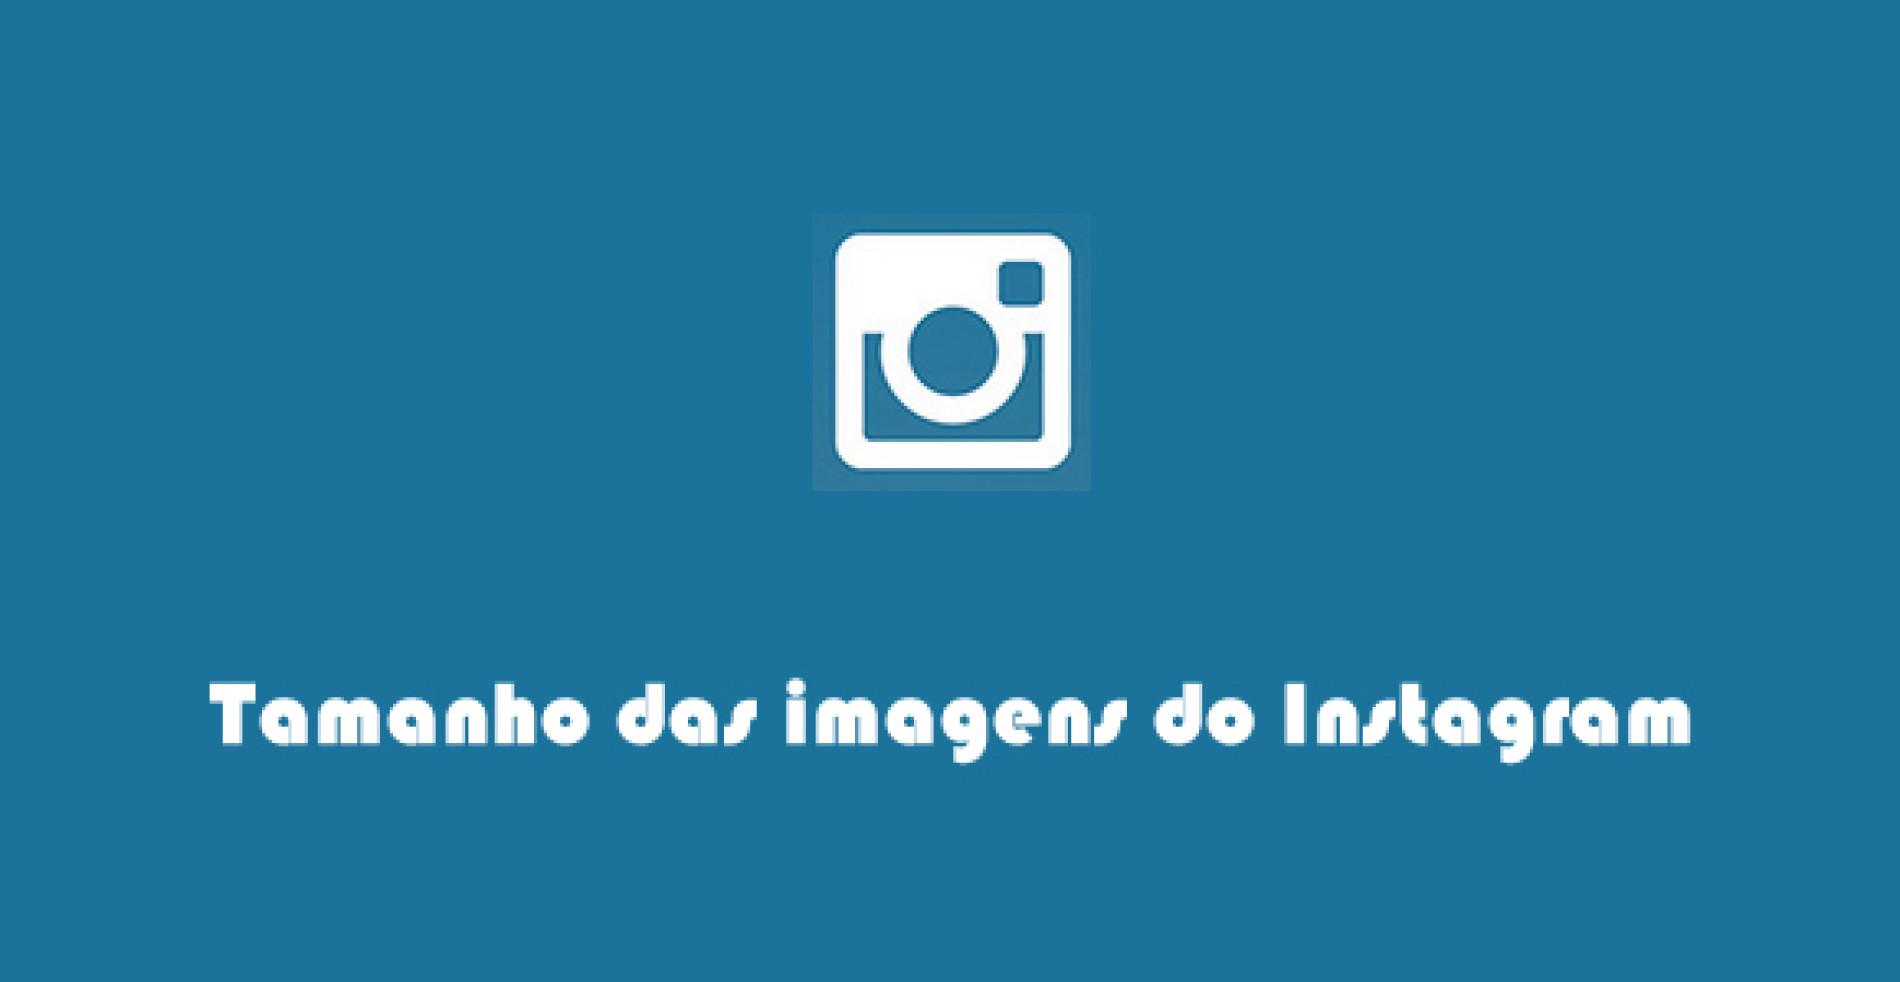 Guia do tamanho de imagens do Instagram